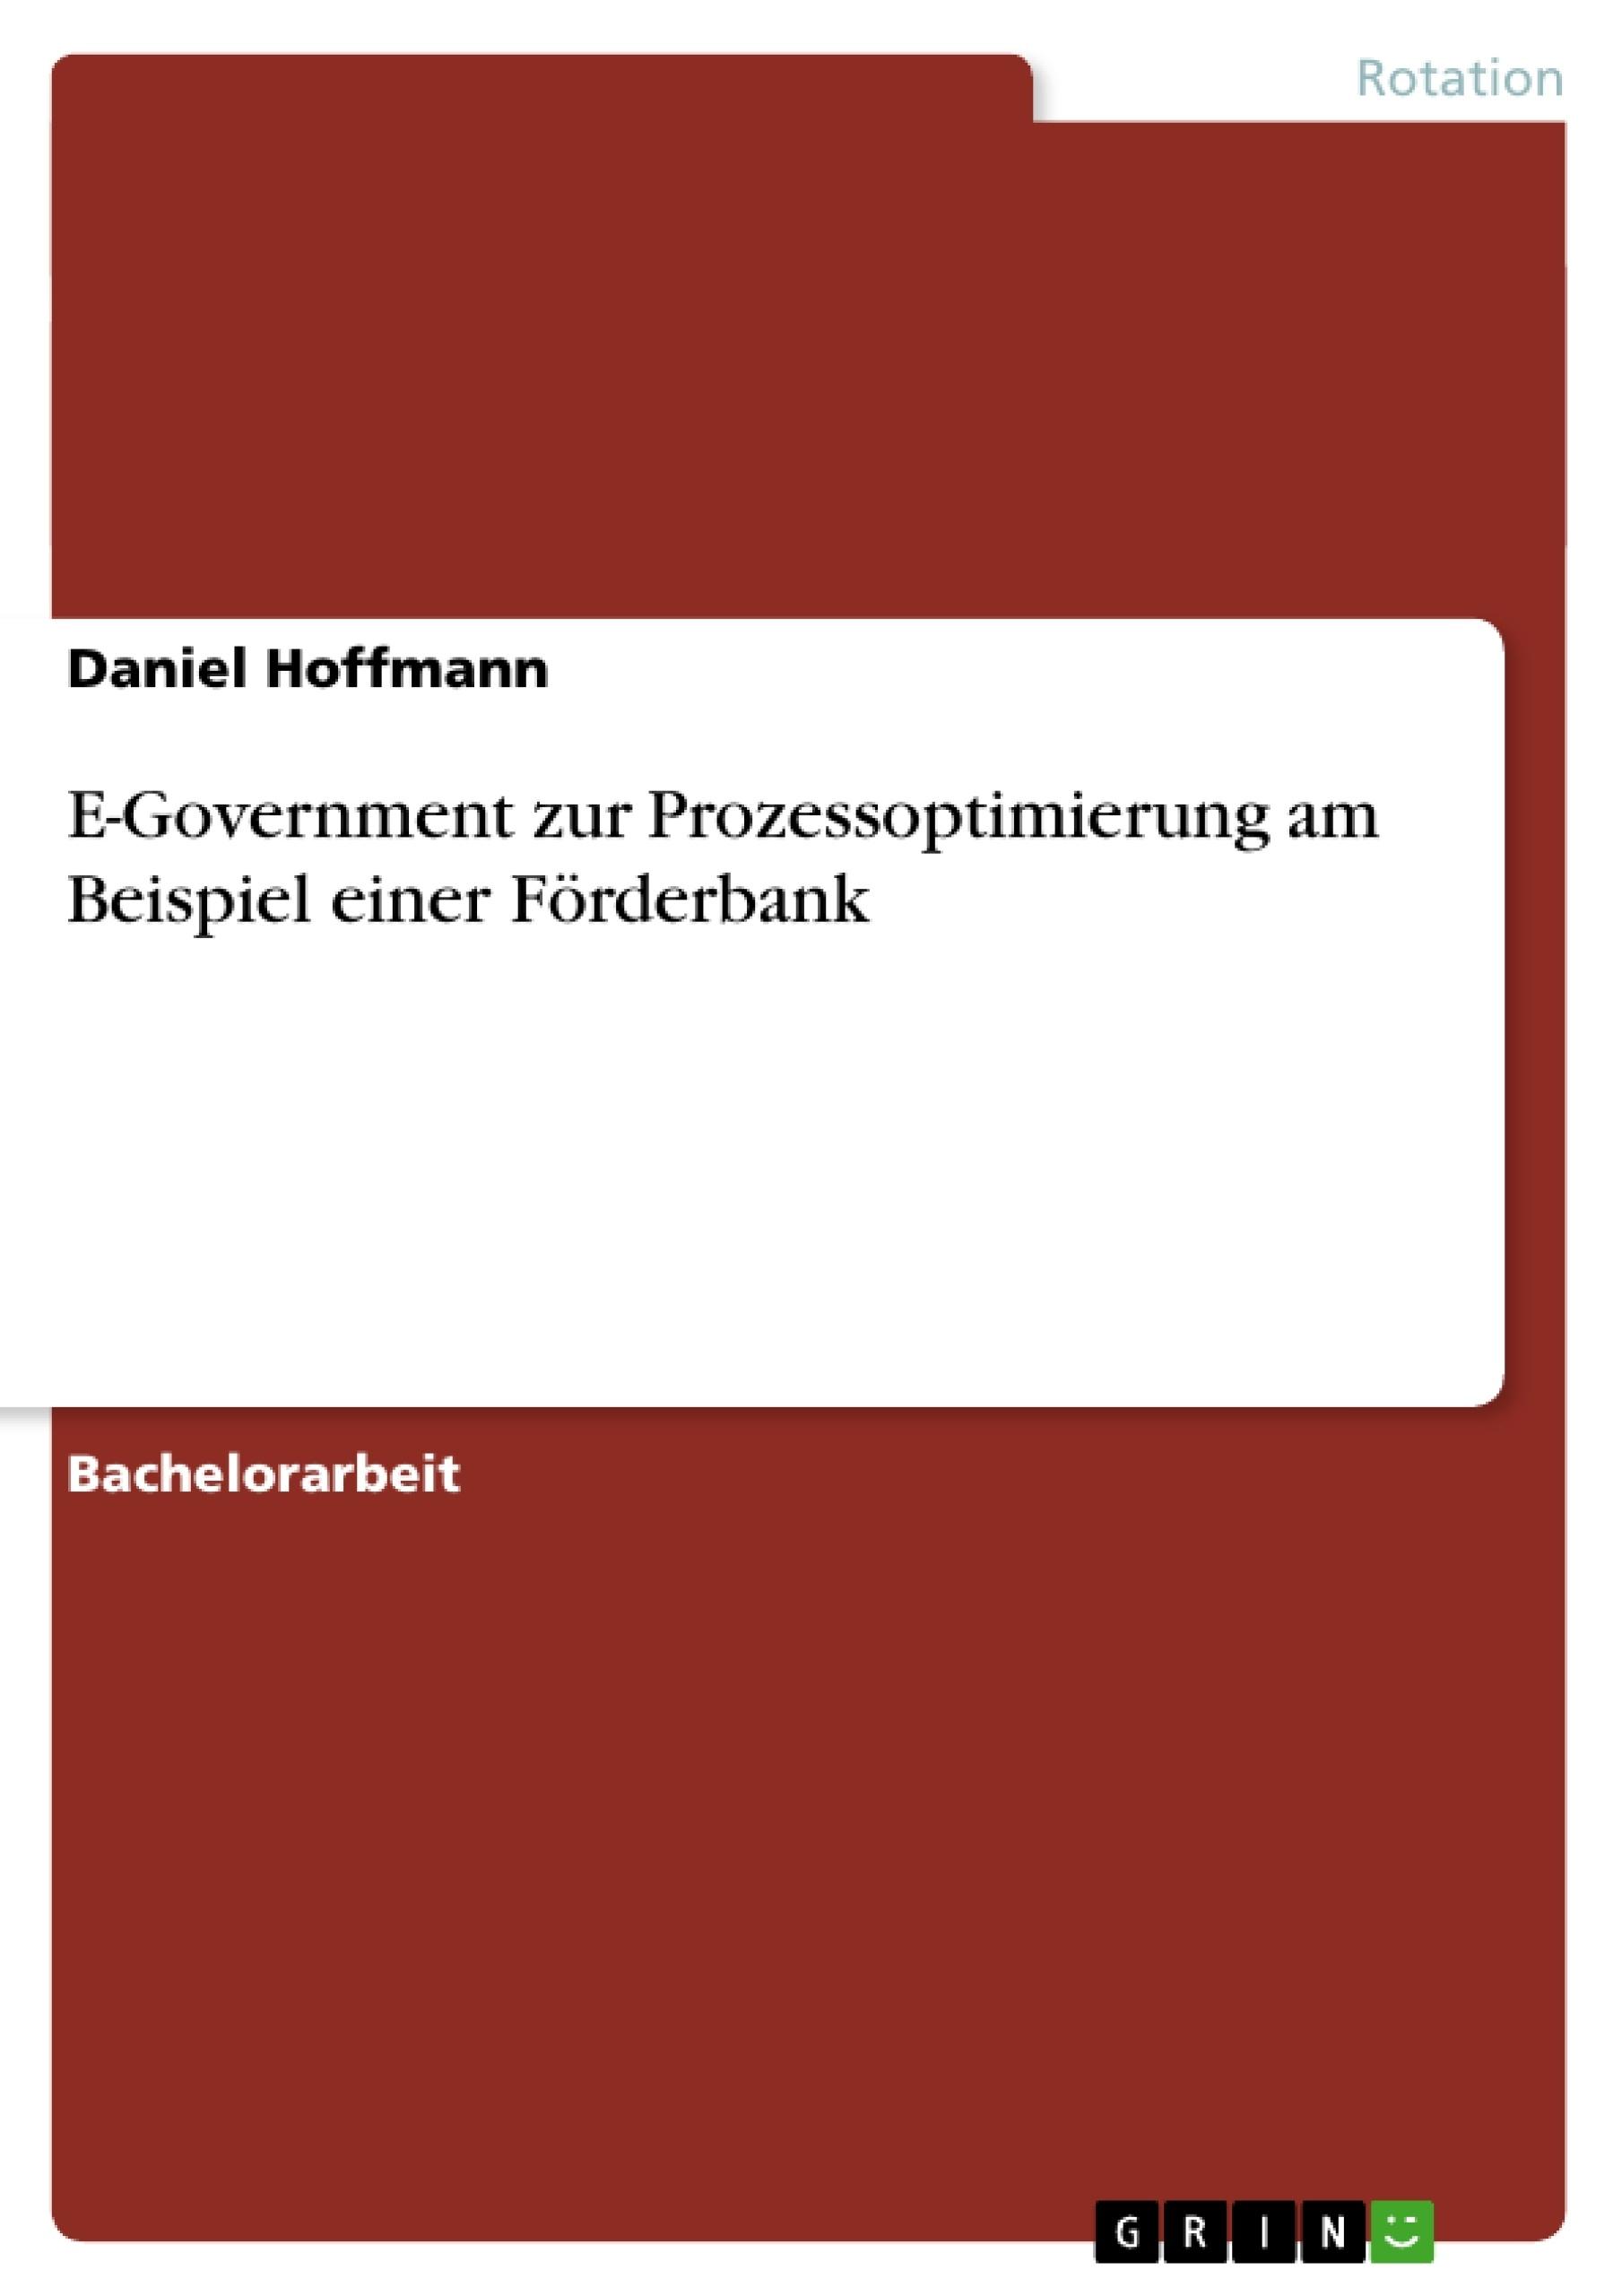 Titel: E-Government zur Prozessoptimierung am Beispiel einer Förderbank